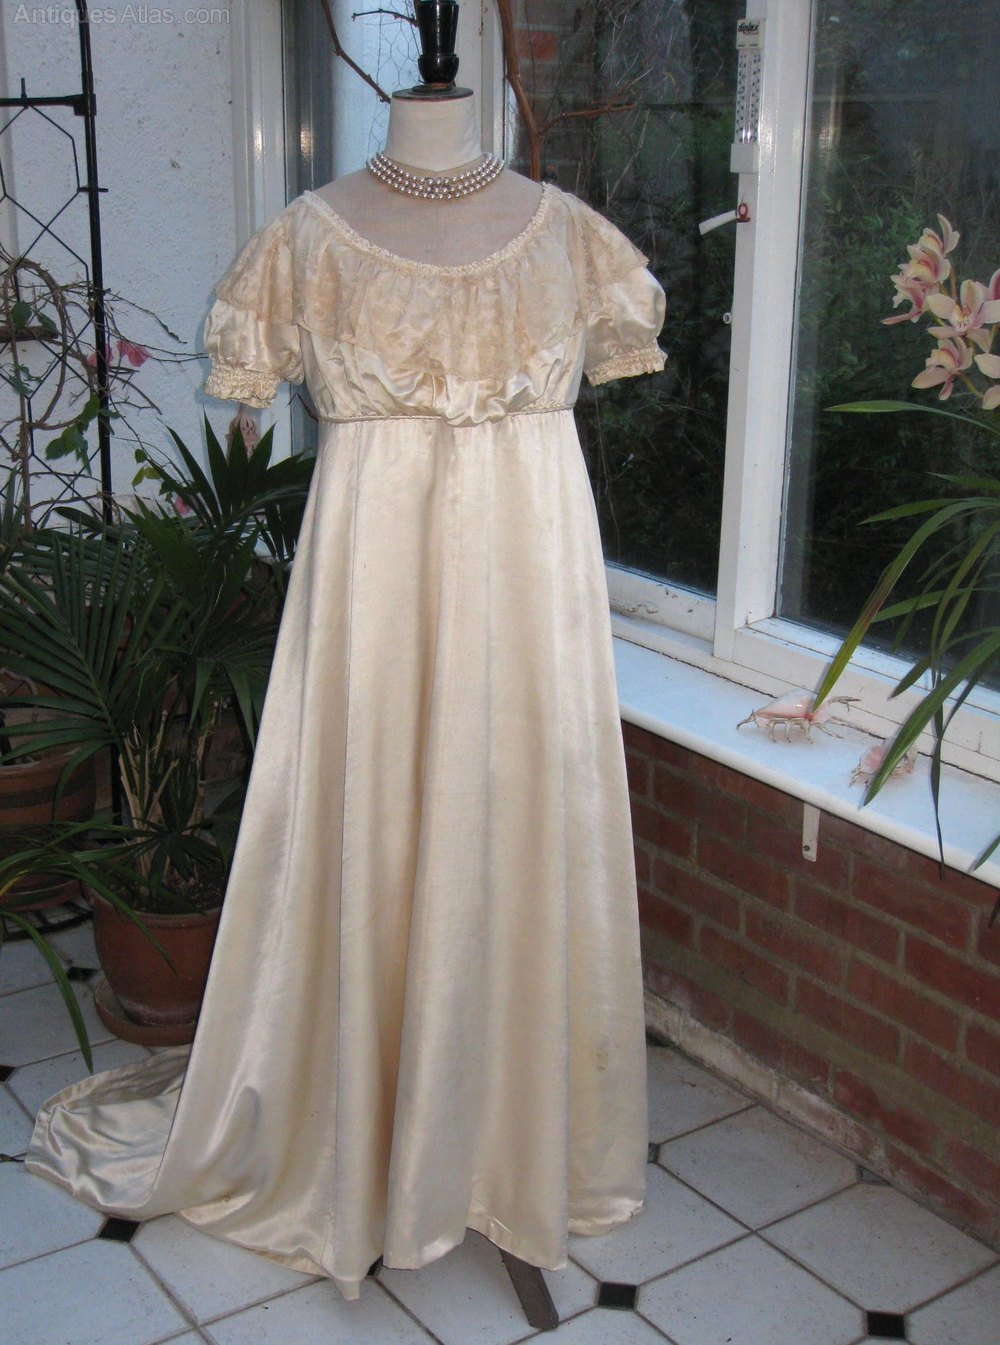 Antiques Atlas - Antique Elegant Ball Gown In Silk Satin C ...